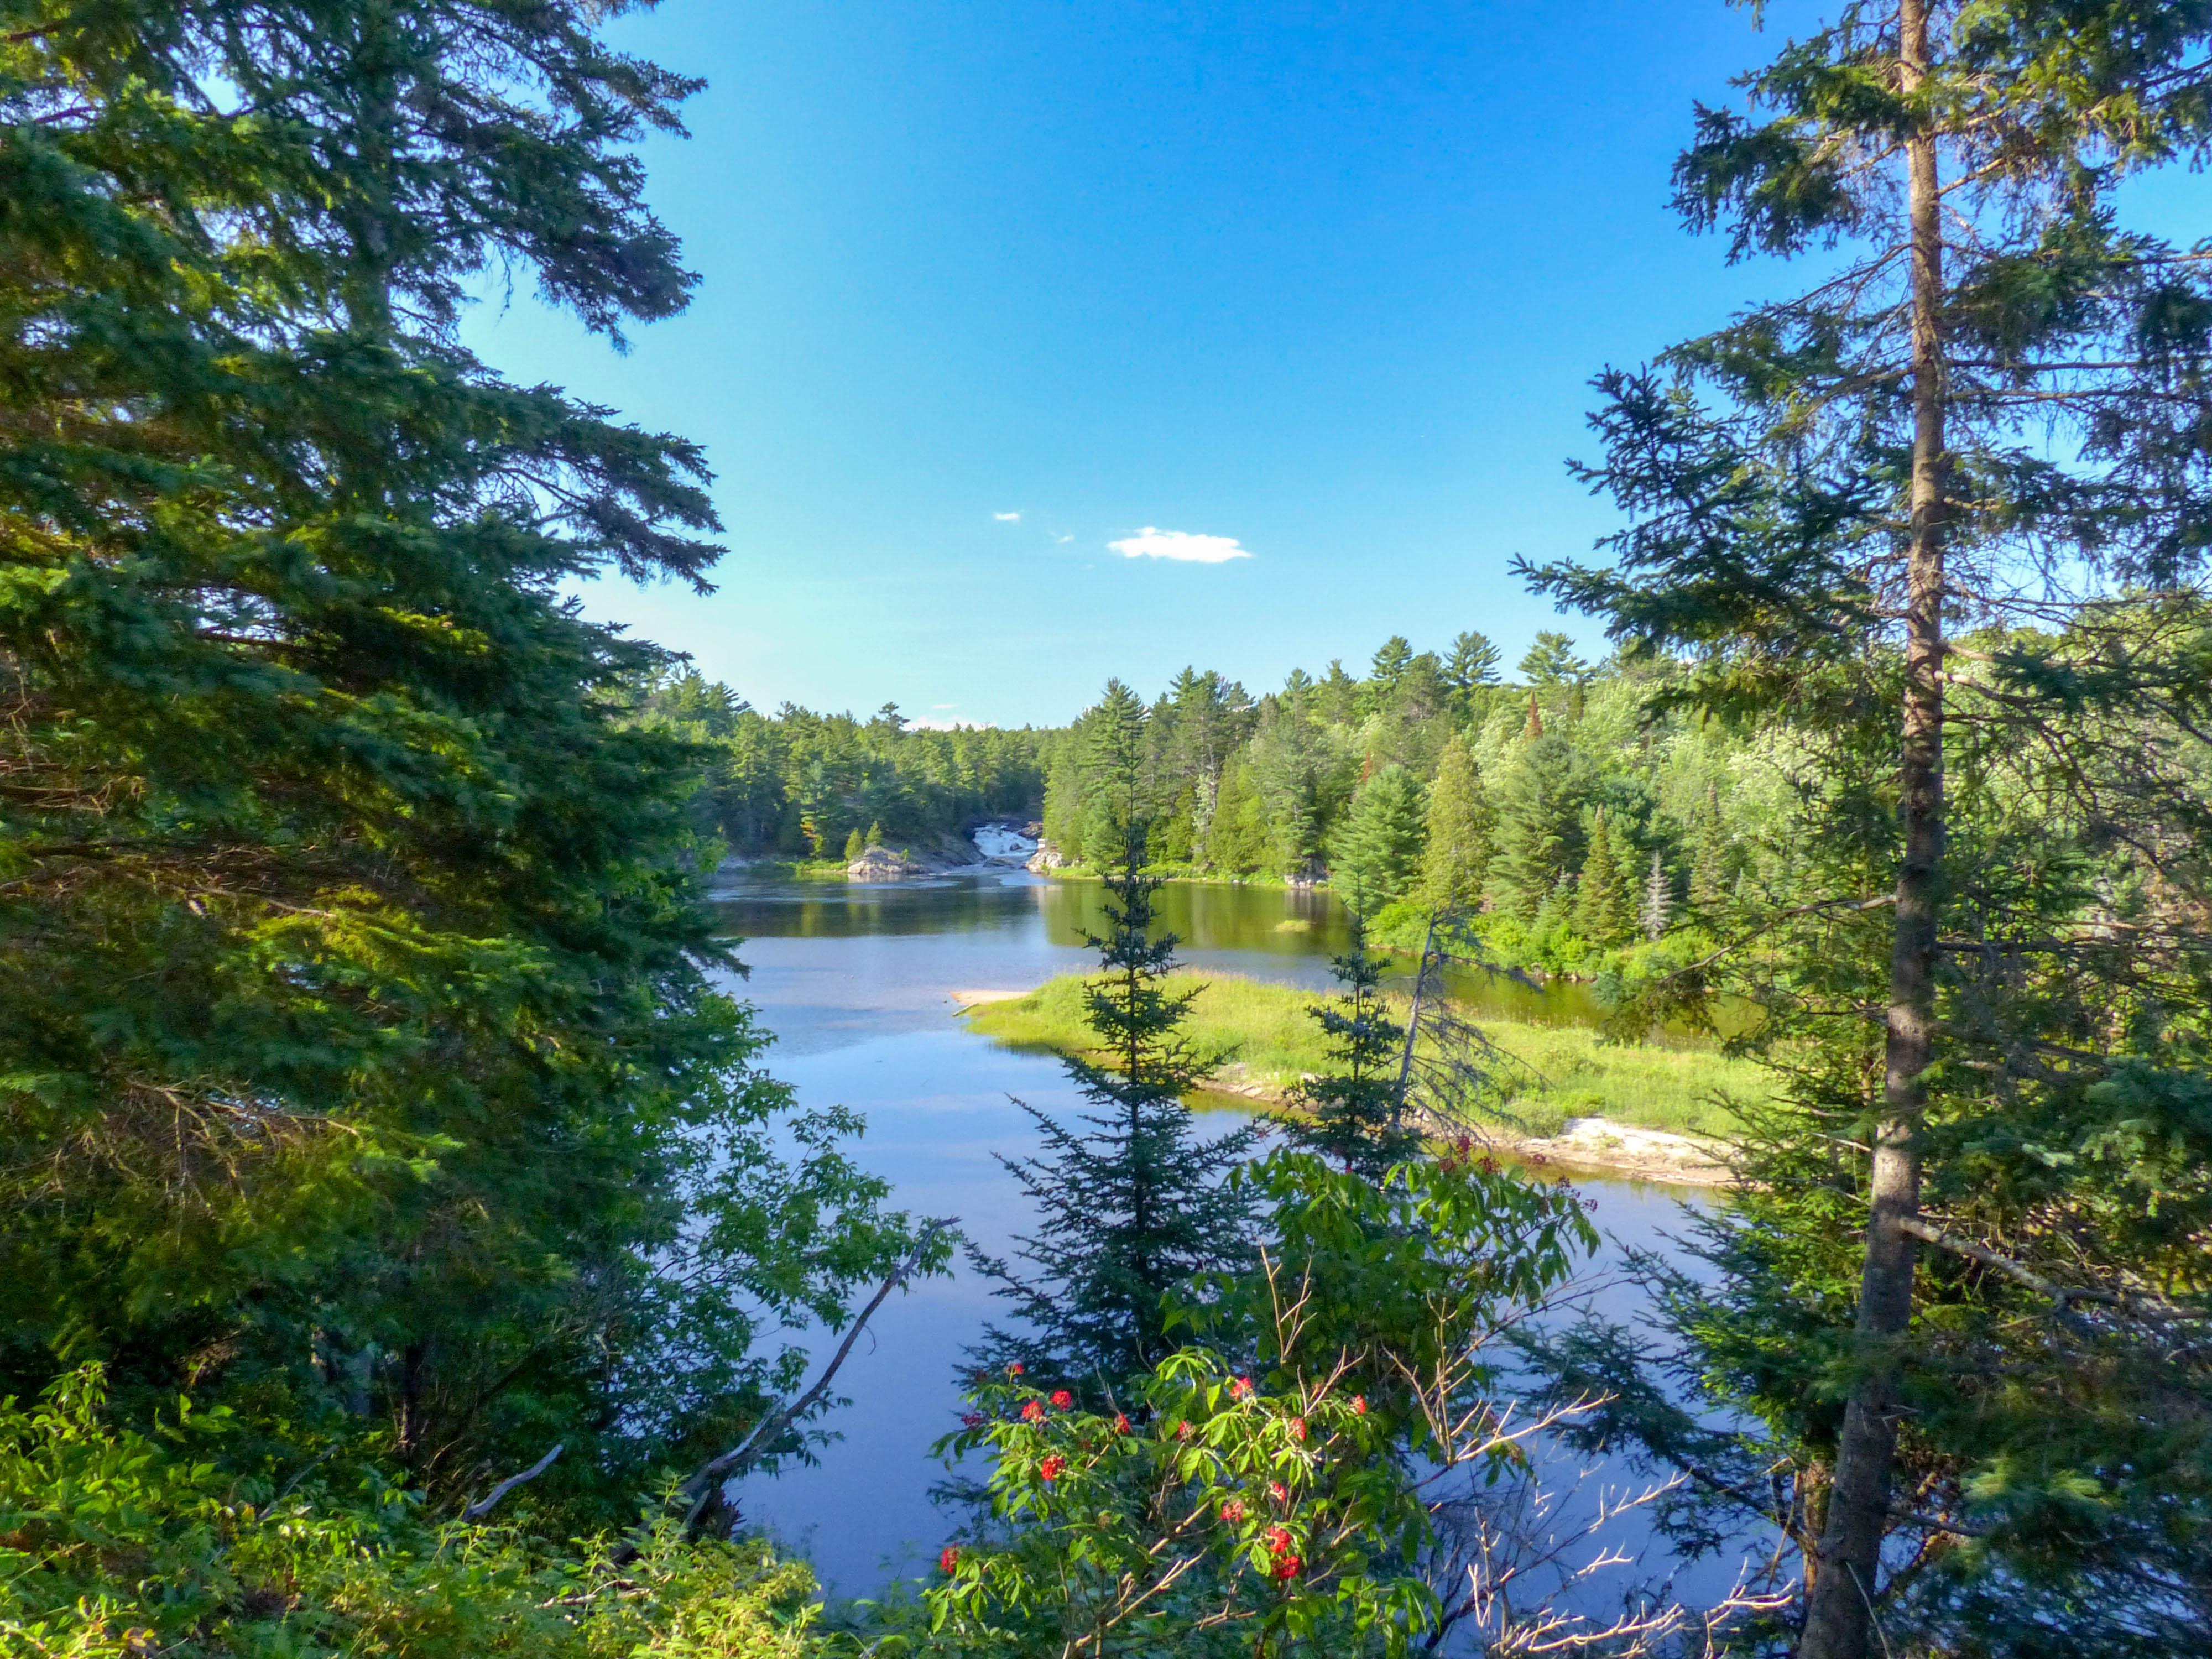 Chutes Provincial Park - Aux Sables River gorge